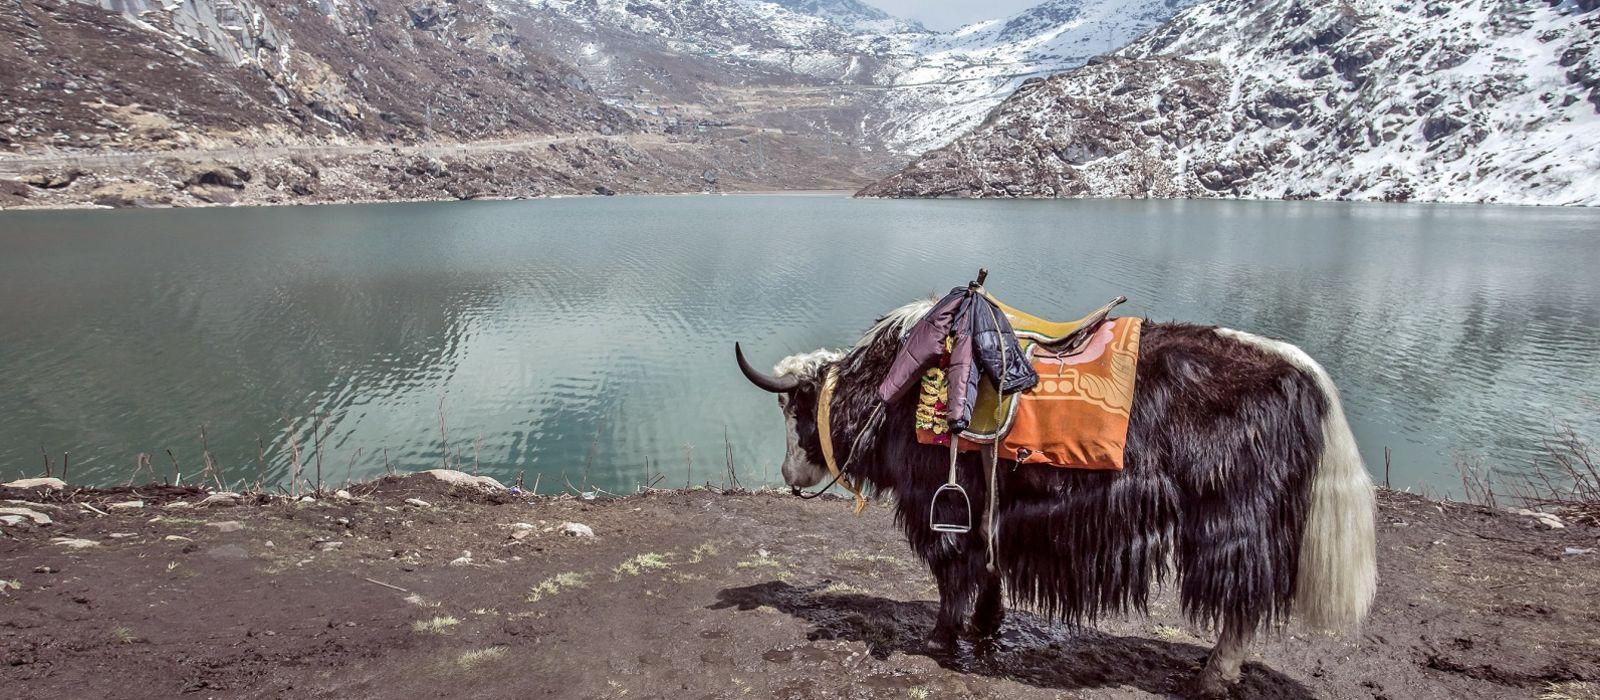 Höhepunkte von Sikkim und Bhutan Urlaub 4